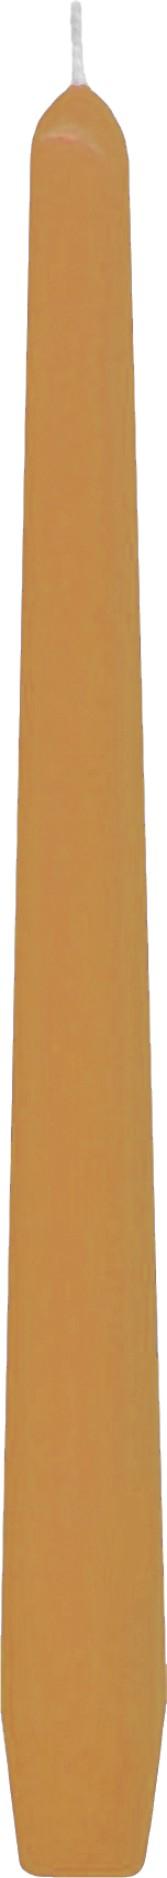 Svíčka kónická apricot 24,5 cm,